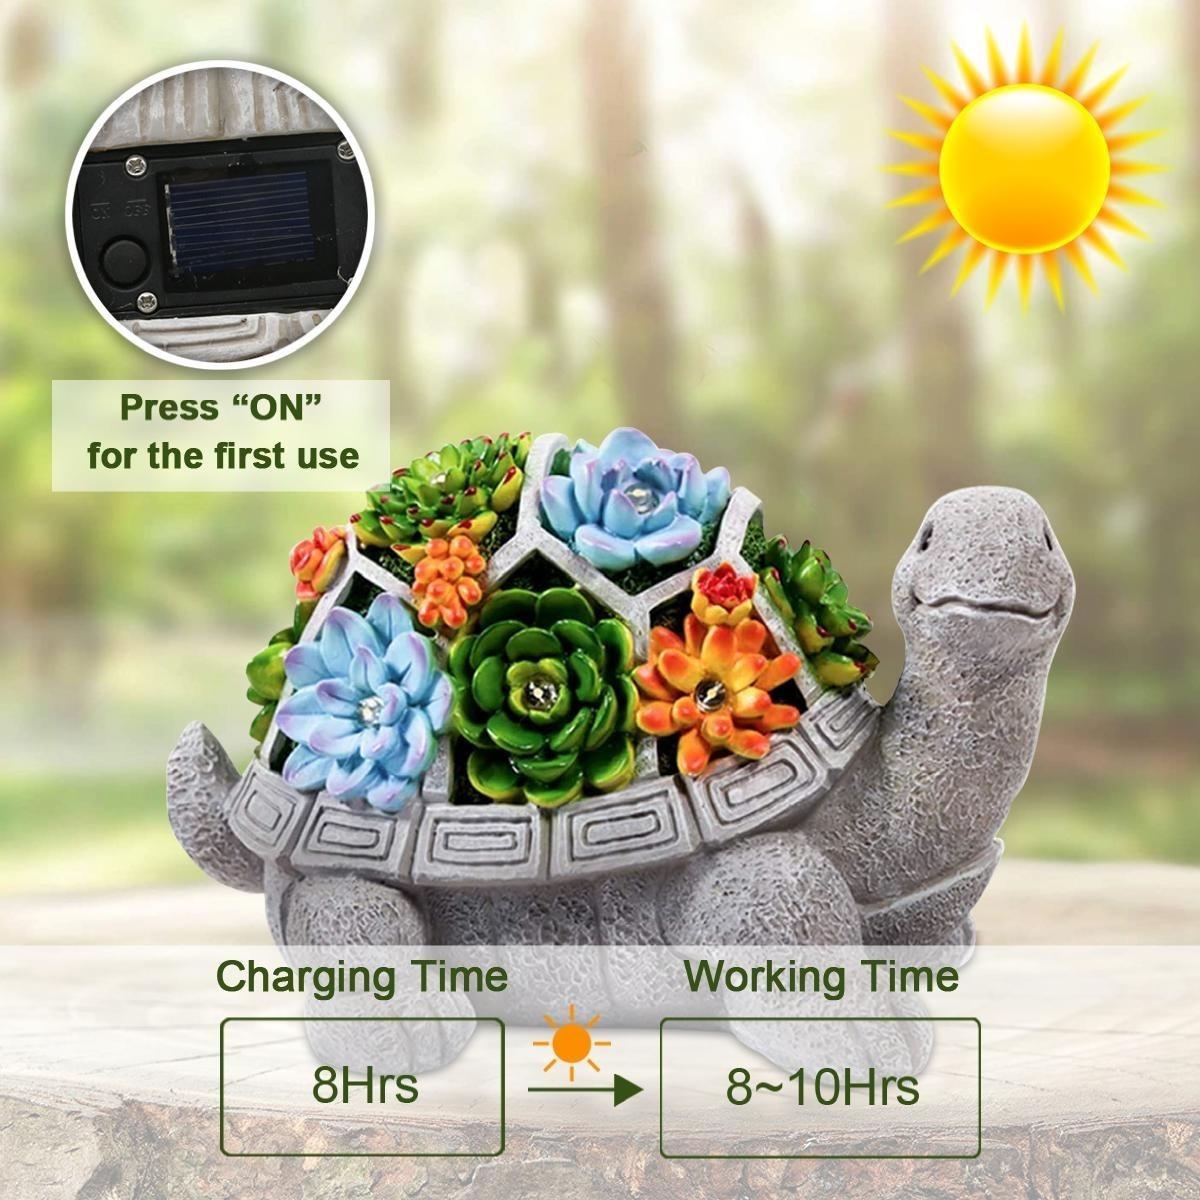 愛嬌ある表情●亀 オブジェ タートル かわいい ライト 屋外 庭 ガーデンライト 庭園 サボテン 多肉植物 飾り 置物 電気 照明 アート bb61_画像4